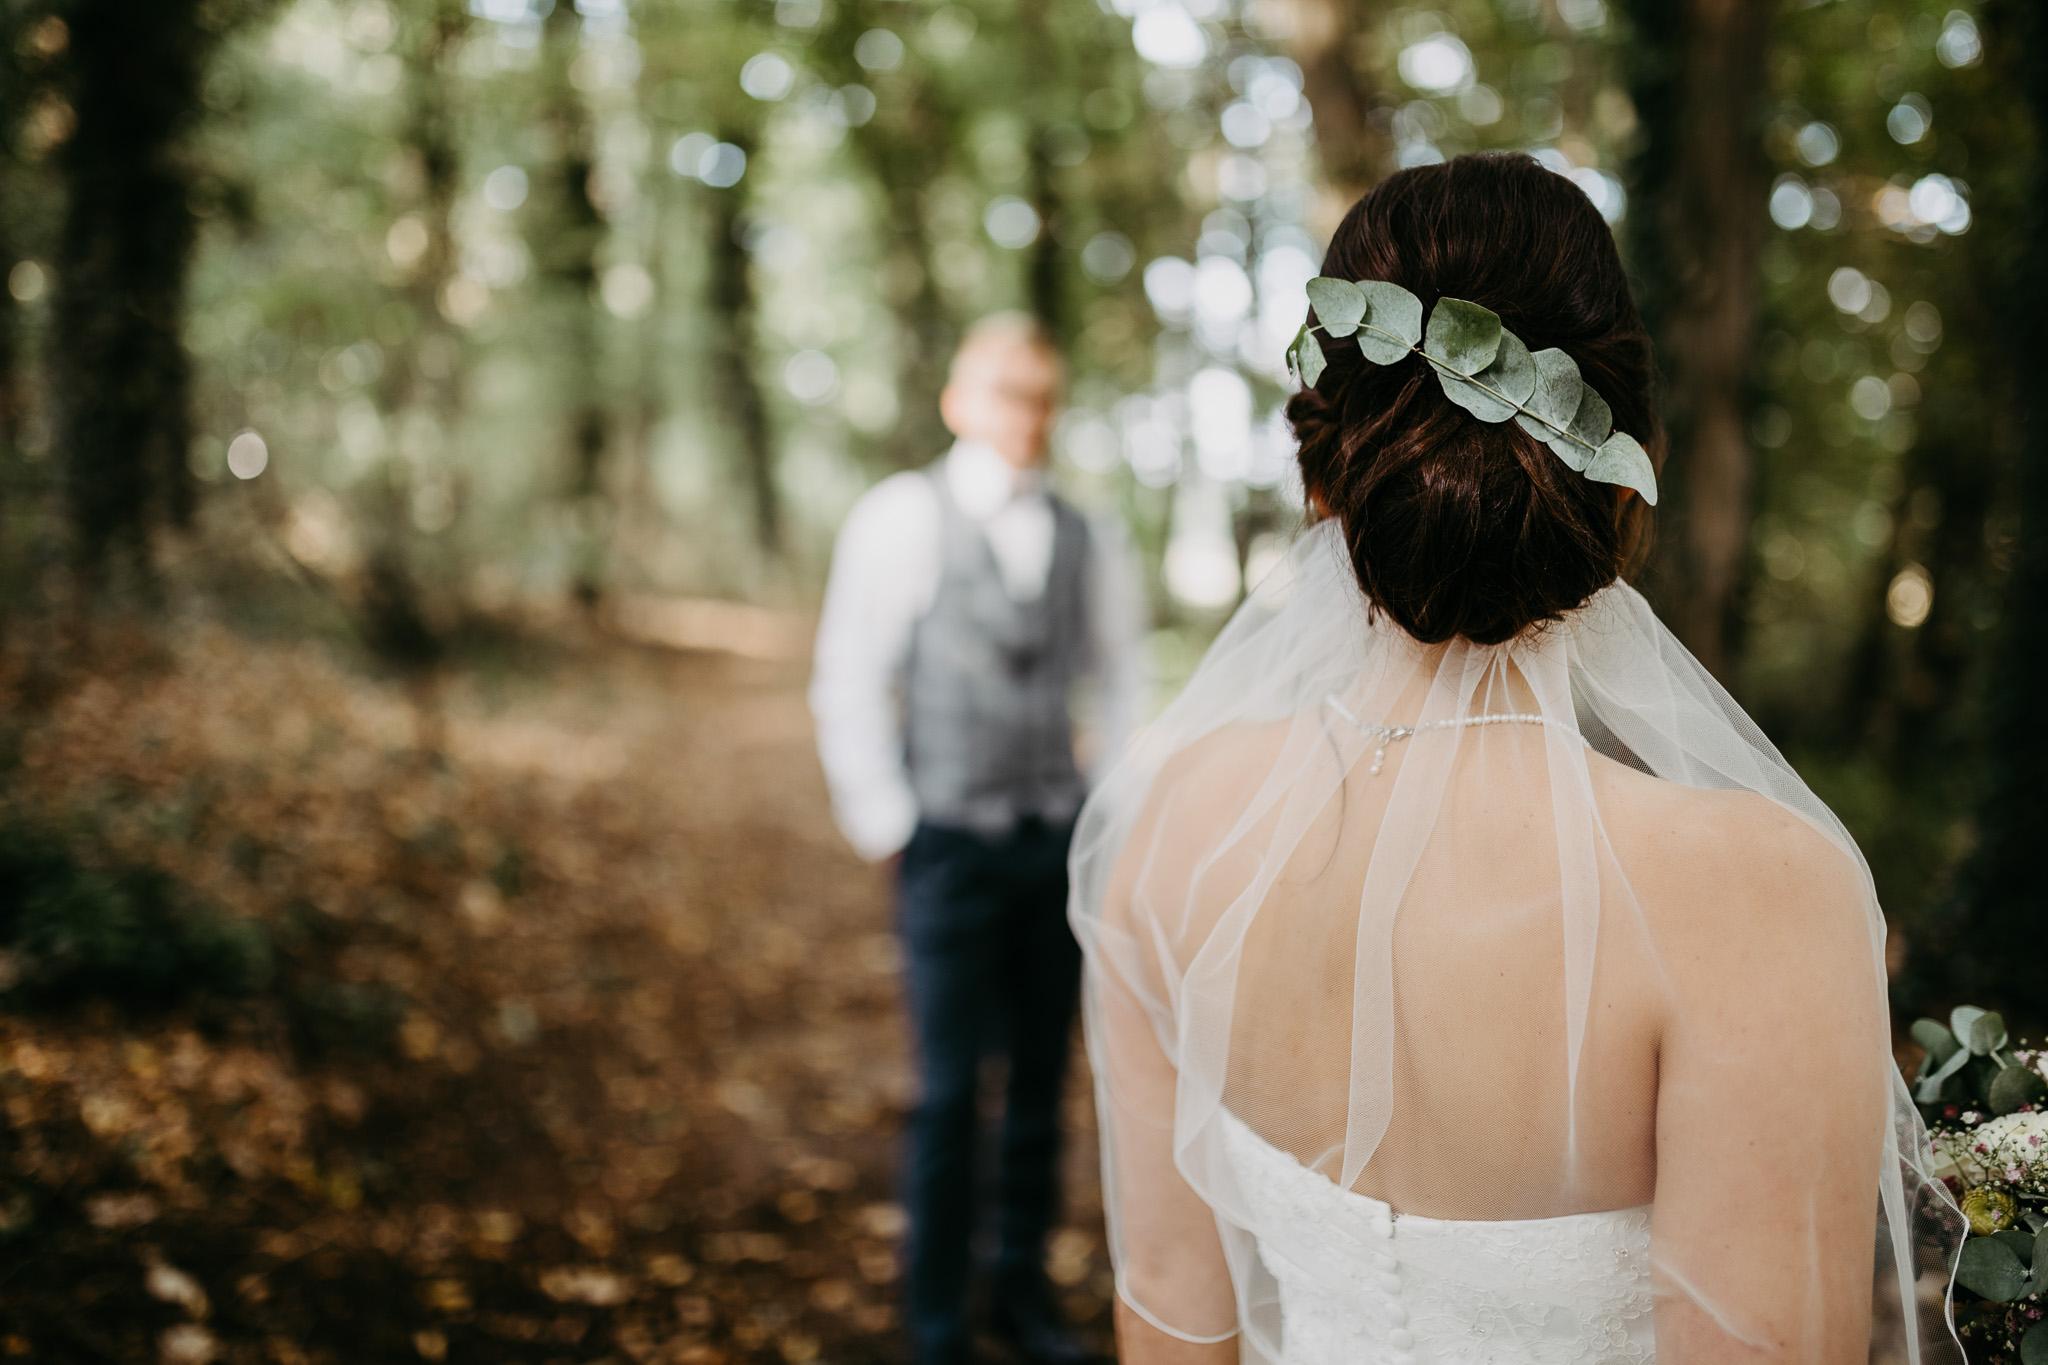 hochzeit-heiraten-in-hannover-hochzeitsfotograf-philipp-schroeder-donphilipe-16-3